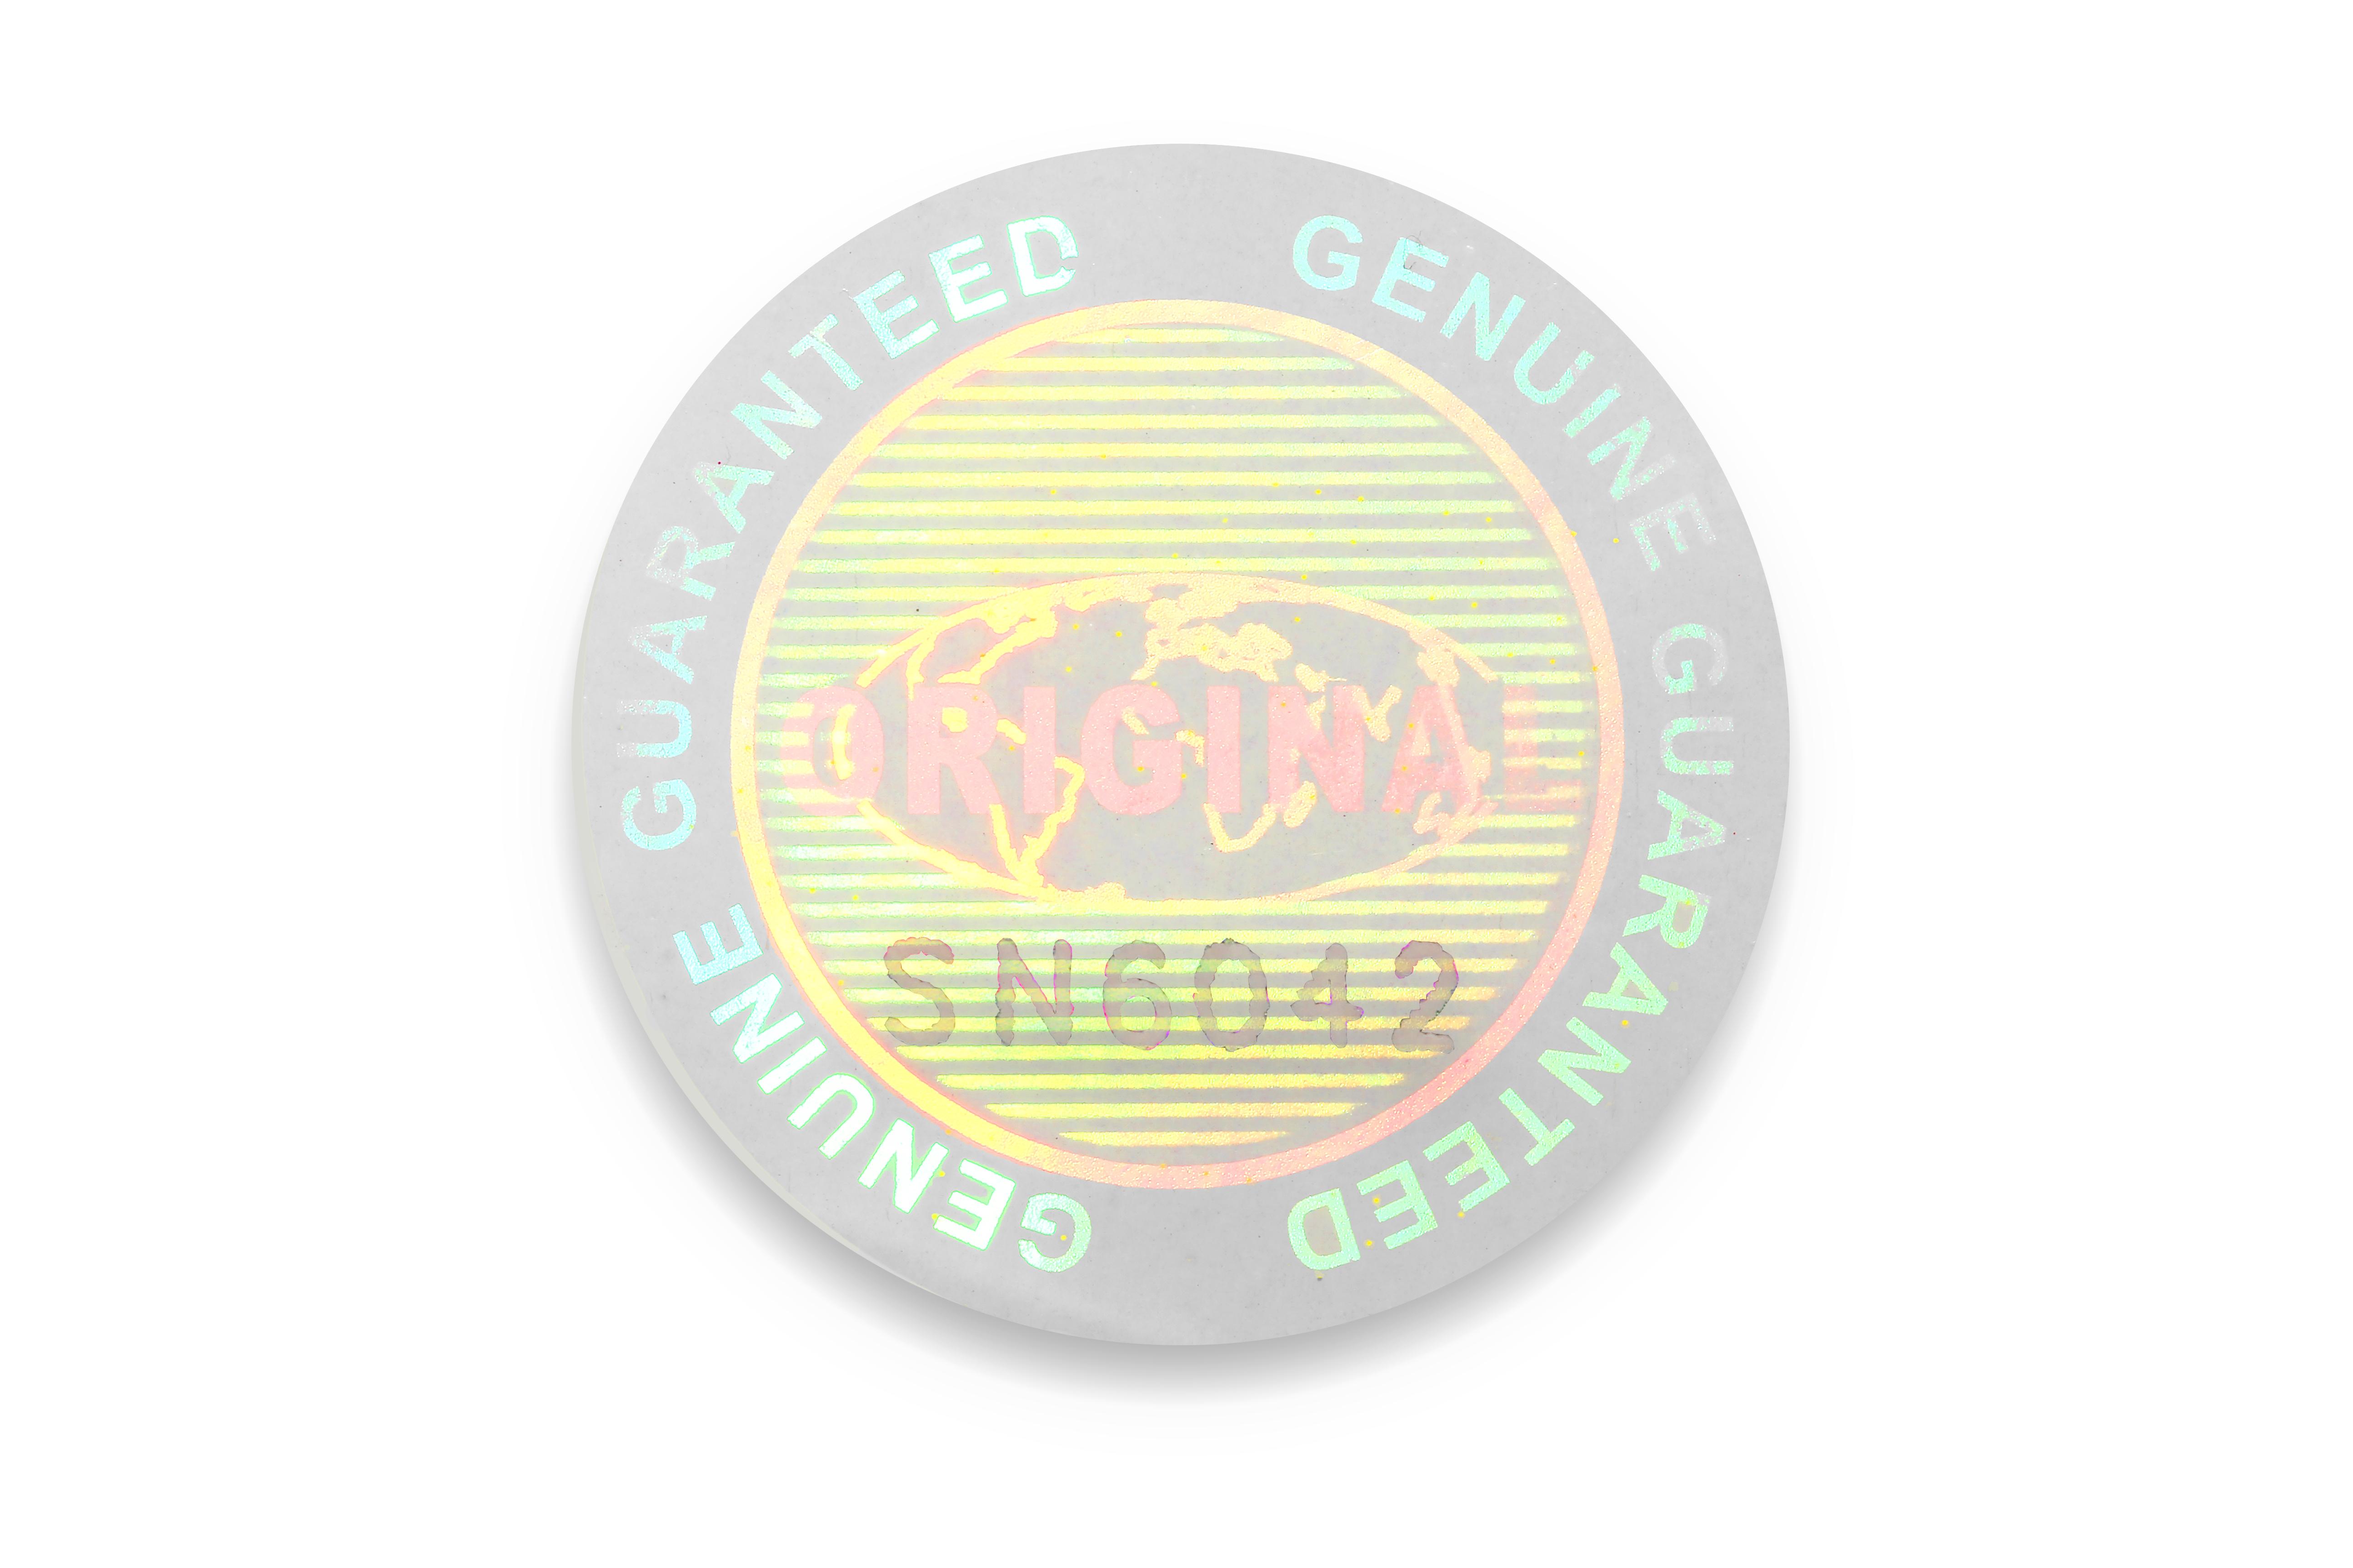 hologramme-etiquette-transparent-holographique-adhesif-étiquette